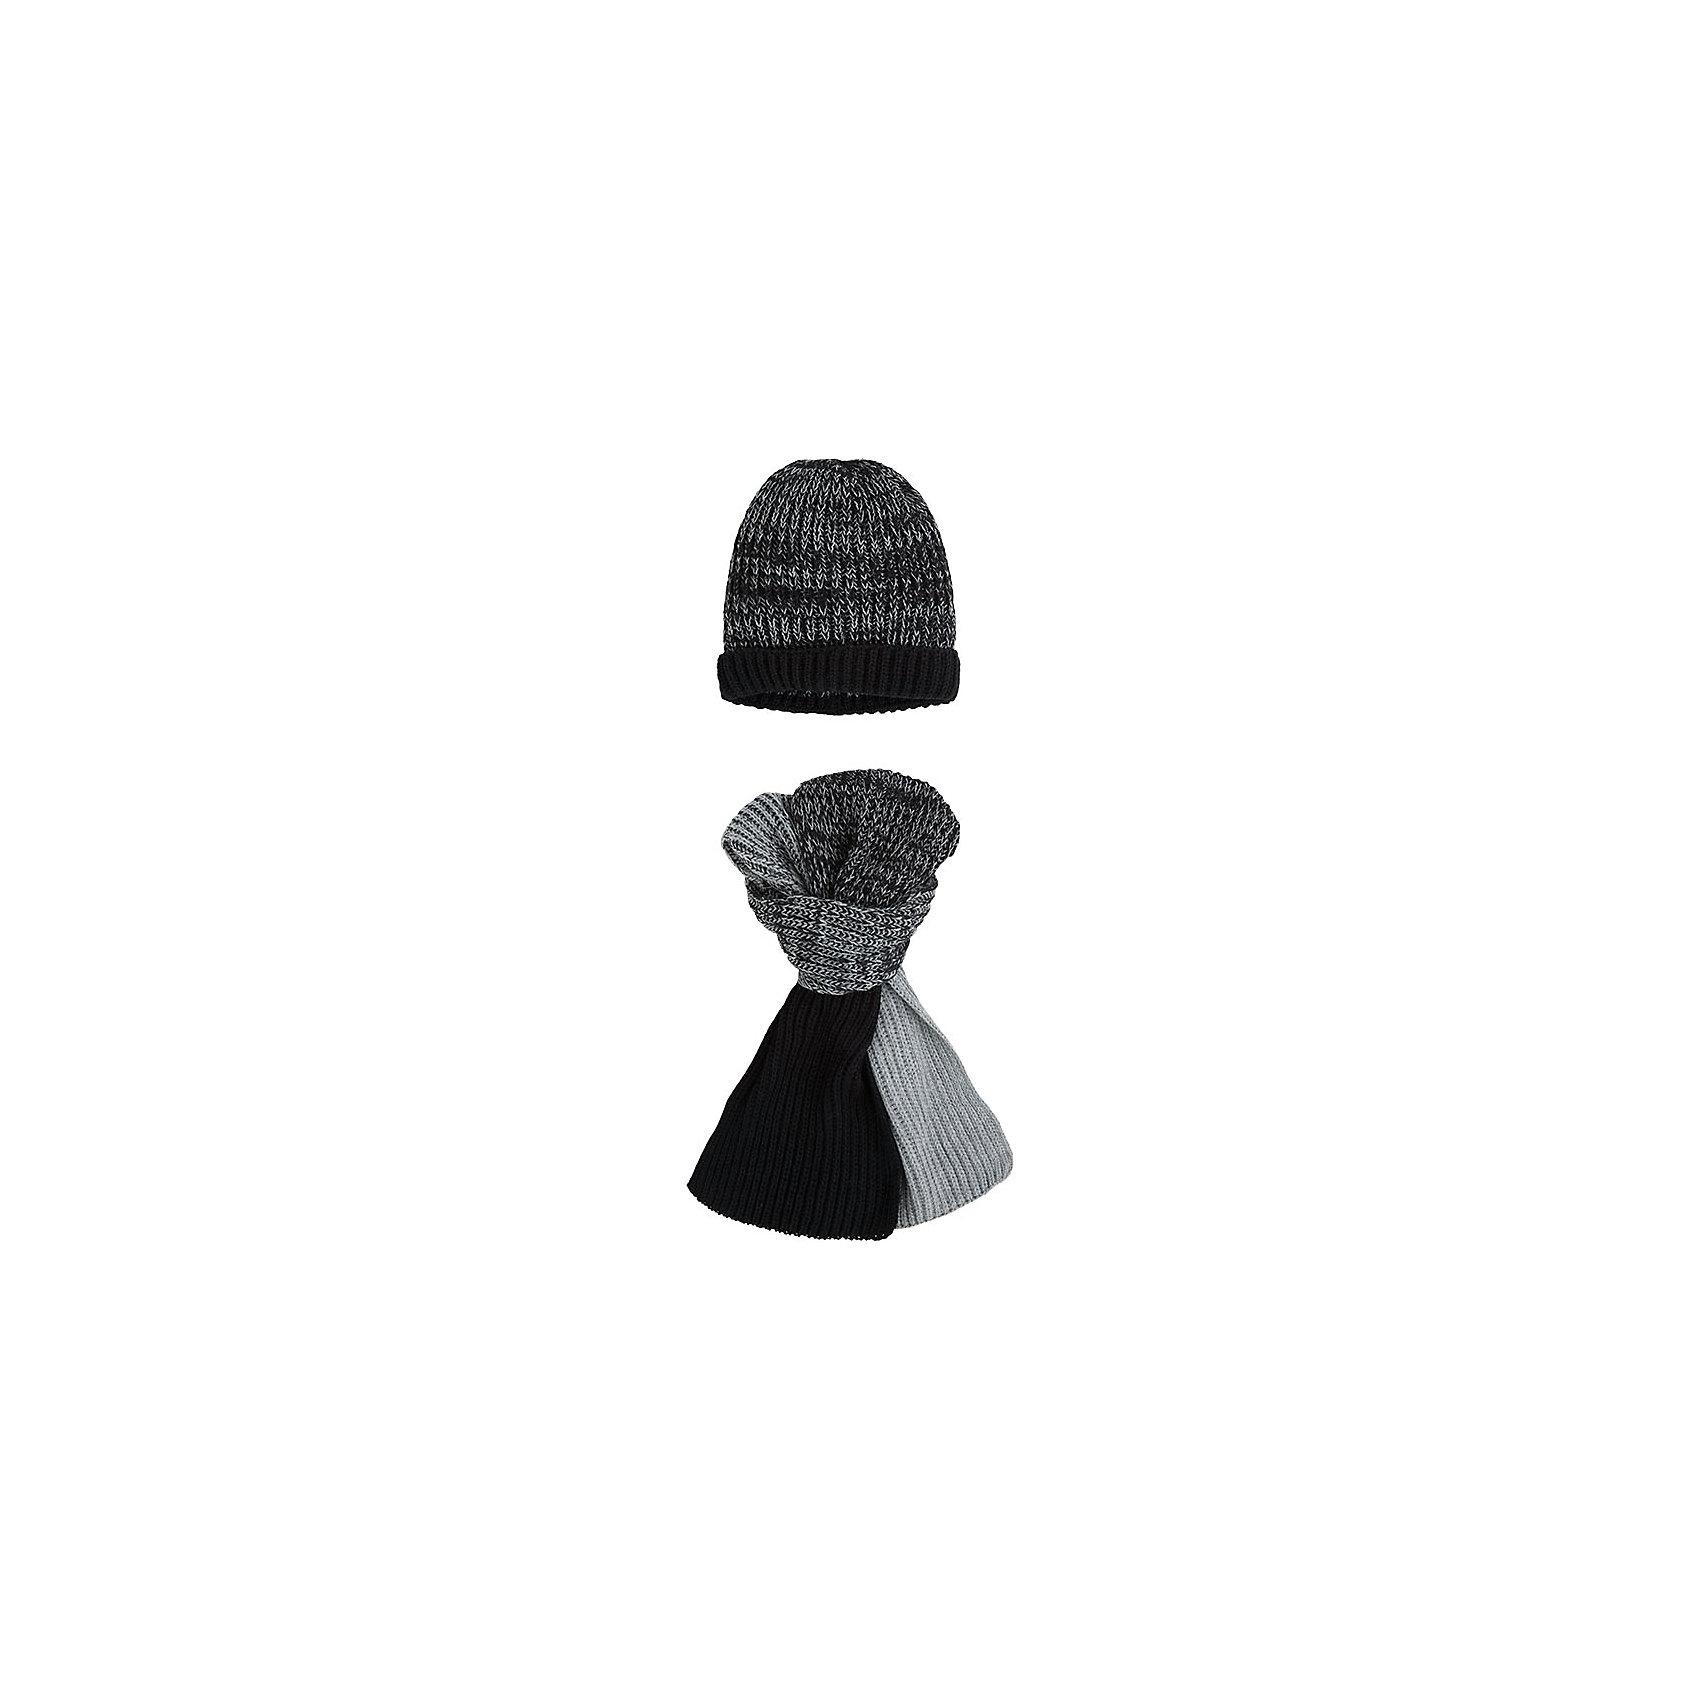 Комплект: шапка и шарф для мальчика MayoralКомплект: шапка и шарф для мальчика от известной испанской марки Mayoral.<br><br>Красивый вязаный комплект из двух предметов может обеспечить ребенку тепло и комфорт в холодную погоду. <br>Модель имеет следующие особенности:<br><br>- цвета – черный, серый;<br>- вязка средней плотности, объемная;<br>- хорошо тянется.<br><br>Состав: 100% акрил<br>Уход за изделием:<br><br>• стирка при температуре до 30°С,<br>• не отбеливать.<br>Габариты:<br>р.S - 135х22 см, 19х20 см<br>р.М - 150х23 см, 20х21 см<br>Температурный режим: от -20 ° С до +5 ° С<br><br>Комплект: шапку и шарф для мальчика Mayoral (Майорал) можно купить в нашем магазине.<br><br>Ширина мм: 89<br>Глубина мм: 117<br>Высота мм: 44<br>Вес г: 155<br>Цвет: черный<br>Возраст от месяцев: 96<br>Возраст до месяцев: 120<br>Пол: Мужской<br>Возраст: Детский<br>Размер: 54,56<br>SKU: 4190674